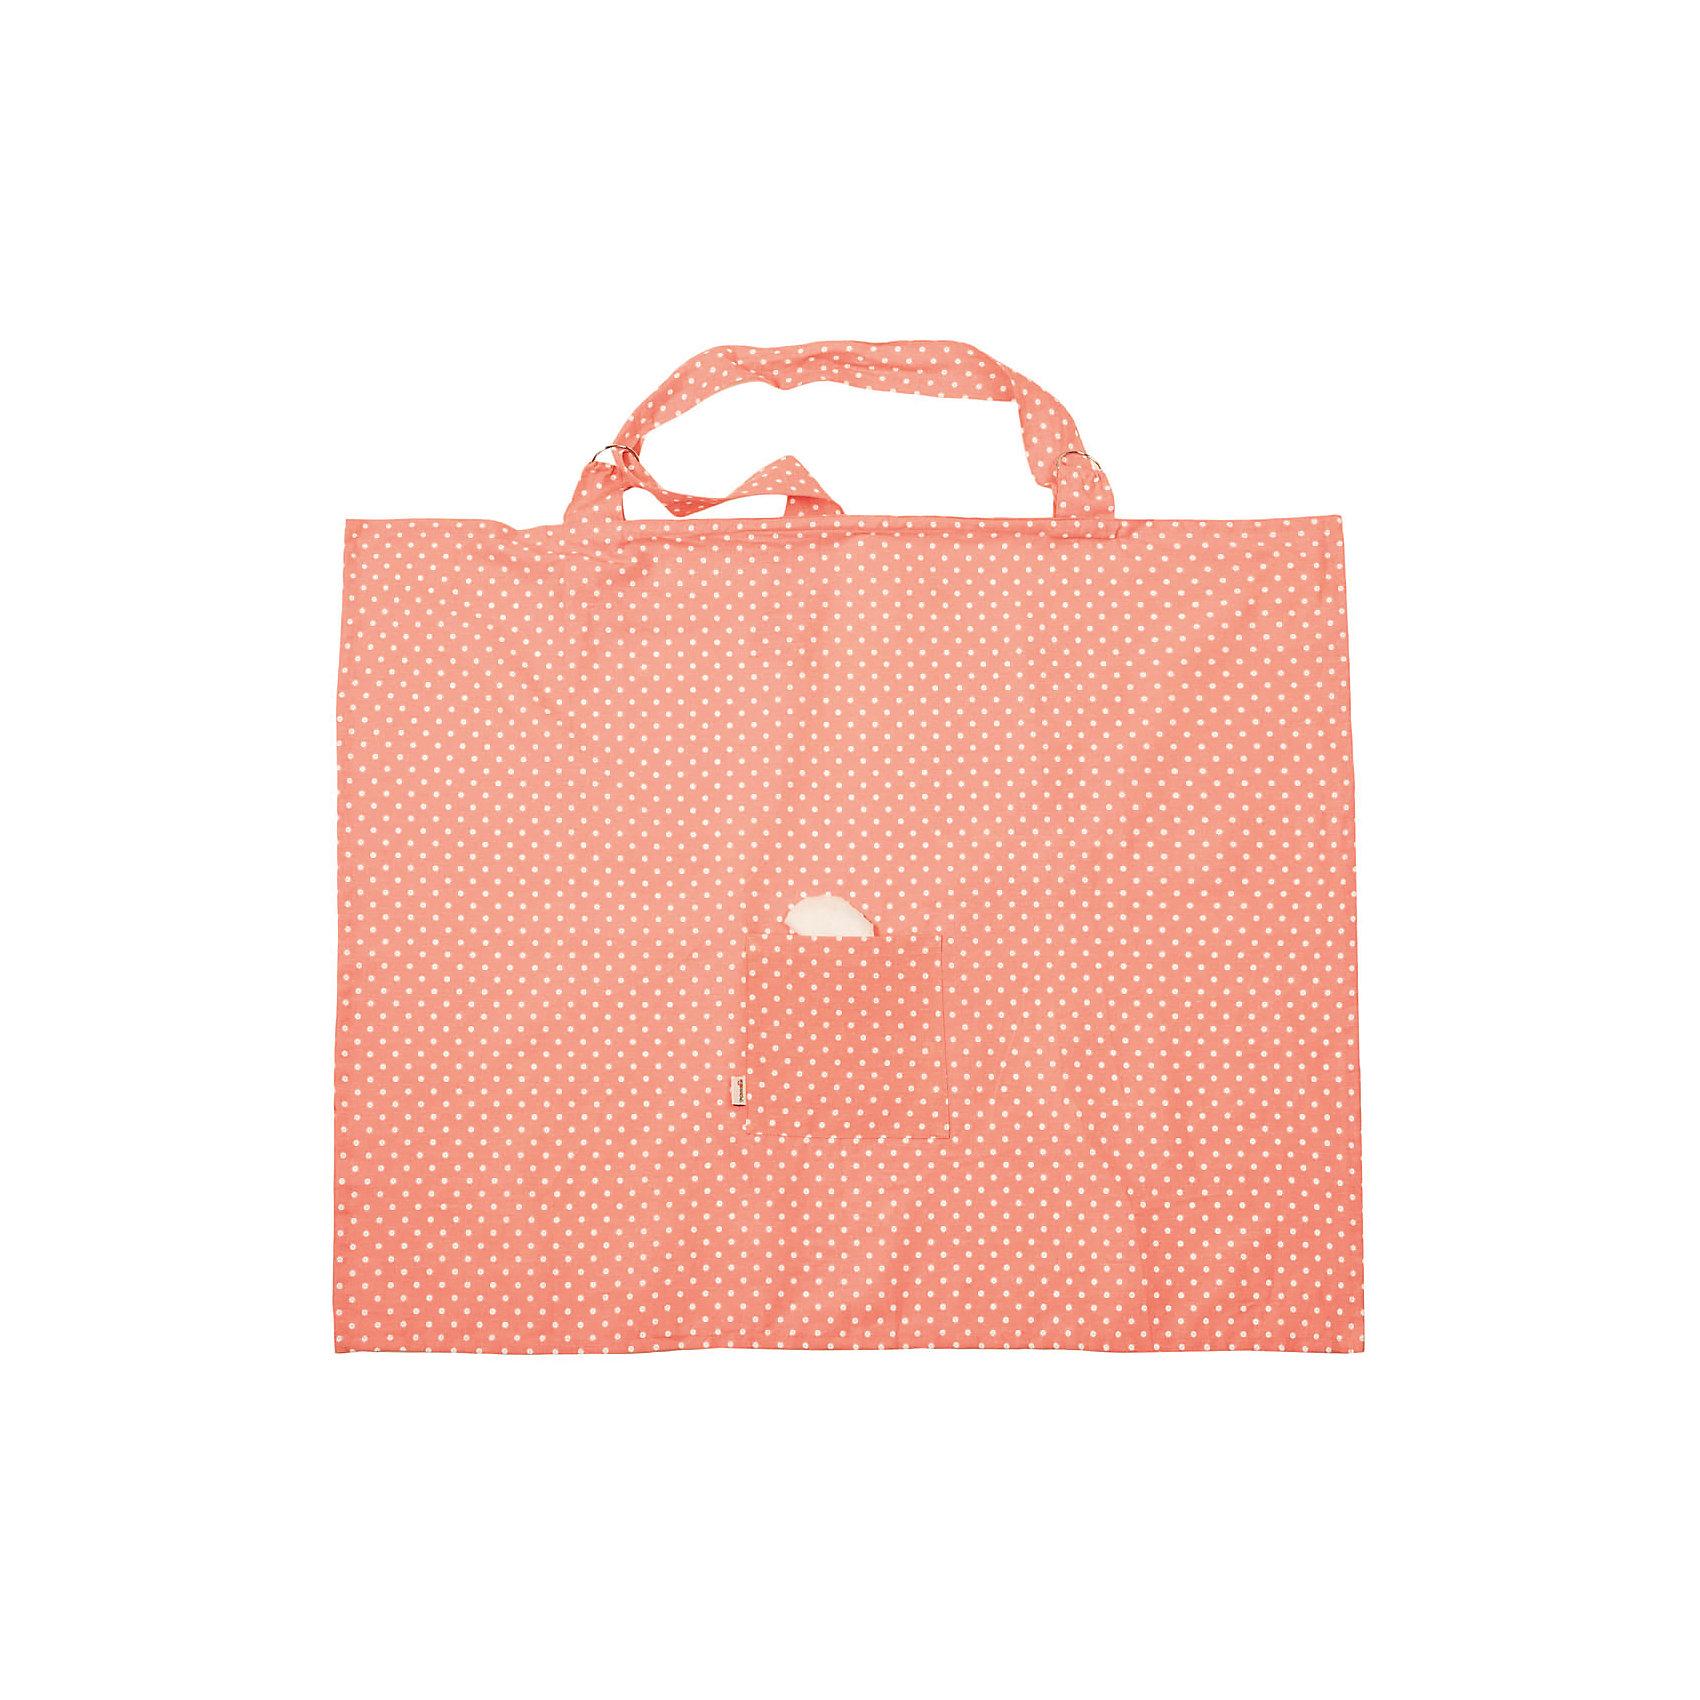 Накидка для кормления, Mammie, горох розовыйНагрудники и салфетки<br>Нагрудник, Mammie, горох розовый.<br><br>Характеристики:<br><br>• Для детей с рождения<br>• Размер изделия: 85х76 см.<br>• Цвет: розовый в белый горох<br>• Материал: 100% хлопок<br>• Уход: машинная стирка при 30 °С<br>• Размер упаковки: 5х5х2,5 см.<br>• Вес: 100 гр.<br><br>Нагрудник для кормления от бренда Mammie - незаменимый аксессуар в арсенале кормящей мамы! Он позволит без труда покормить ребенка грудью, даже если вы находитесь в местах с большим скоплением людей: в парке, кафе или гостях. Специальный крой изделия обеспечивает ребенку свободный доступ воздуха, но при этом скрывает малыша от посторонних глаз. Лямку можно отрегулировать по длине так, чтобы и маме, и малышу было максимально комфортно. Уплотненная горловина создает окошко для наблюдения за малышом. Предусмотрен мягкий махровый уголок, которым можно вытереть личико малыша после кормления. Кроме того, на нагруднике имеется небольшой кармашек, чтобы важные мелочи, такие как соска или салфетки, были под рукой. Нагрудник легко стирается, в сложенном виде не занимает много места.<br><br>Нагрудник, Mammie, горох розовый можно купить в нашем интернет-магазине.<br><br>Ширина мм: 50<br>Глубина мм: 50<br>Высота мм: 25<br>Вес г: 100<br>Возраст от месяцев: 0<br>Возраст до месяцев: 36<br>Пол: Унисекс<br>Возраст: Детский<br>SKU: 5613252